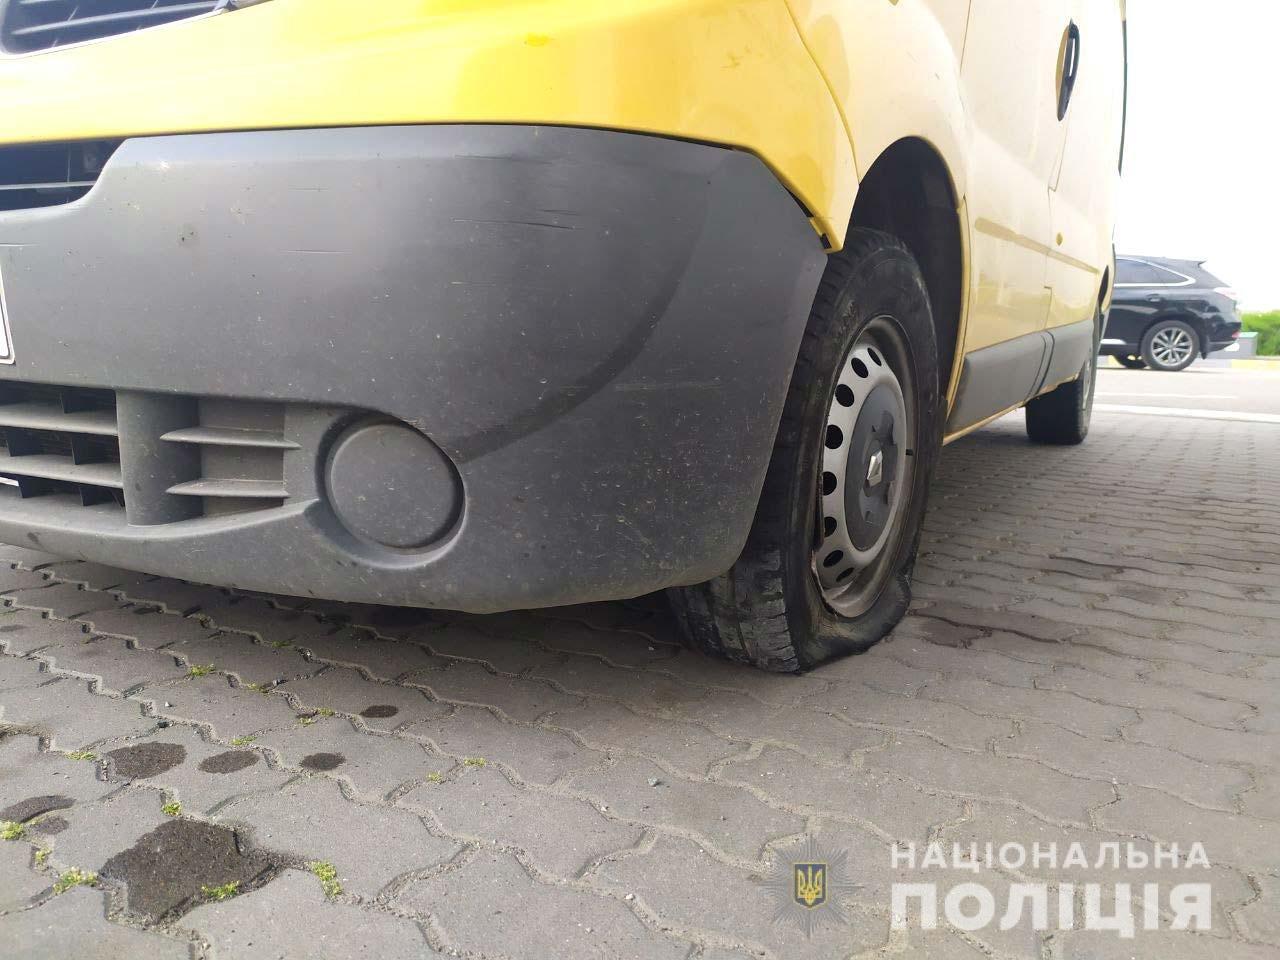 На Здолбунівщині 20-річний парубок викрав авто у підприємця та втрапив в ДТП (ФОТО), фото-1